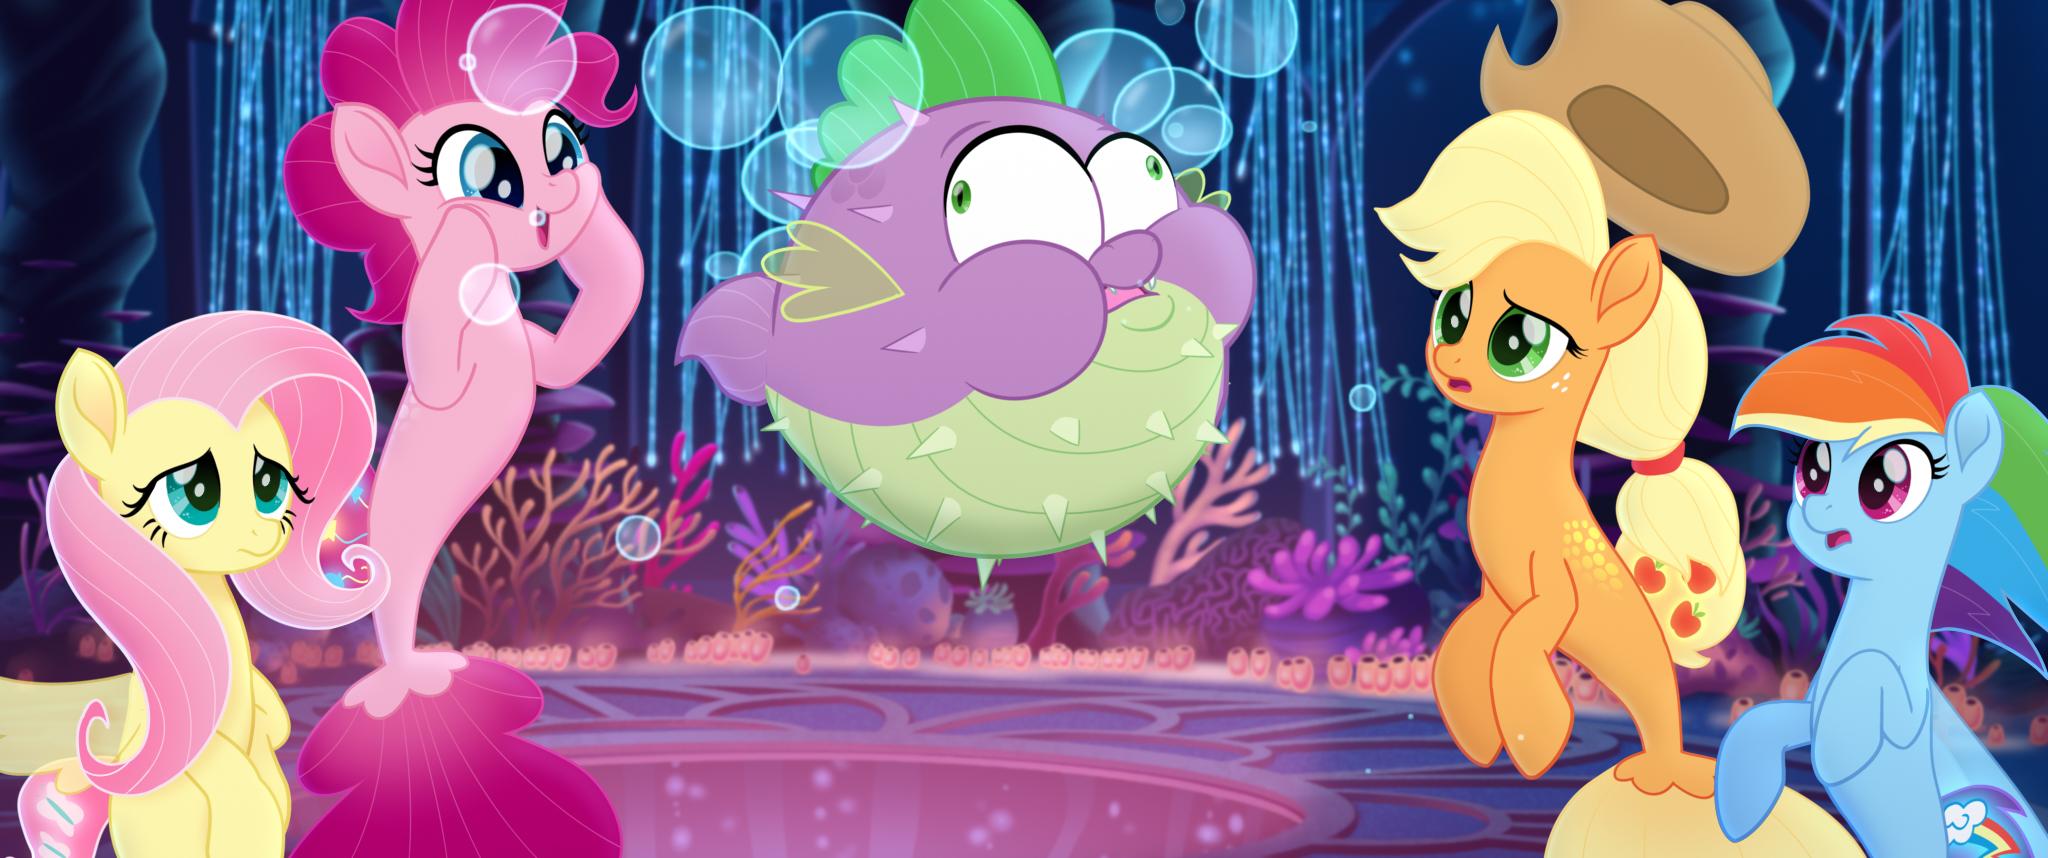 Kadr z filmu 'My Little Pony', który 6 października trafił do polskich kin (fot. Lionsgate and Hasbro / materiały prasowe)